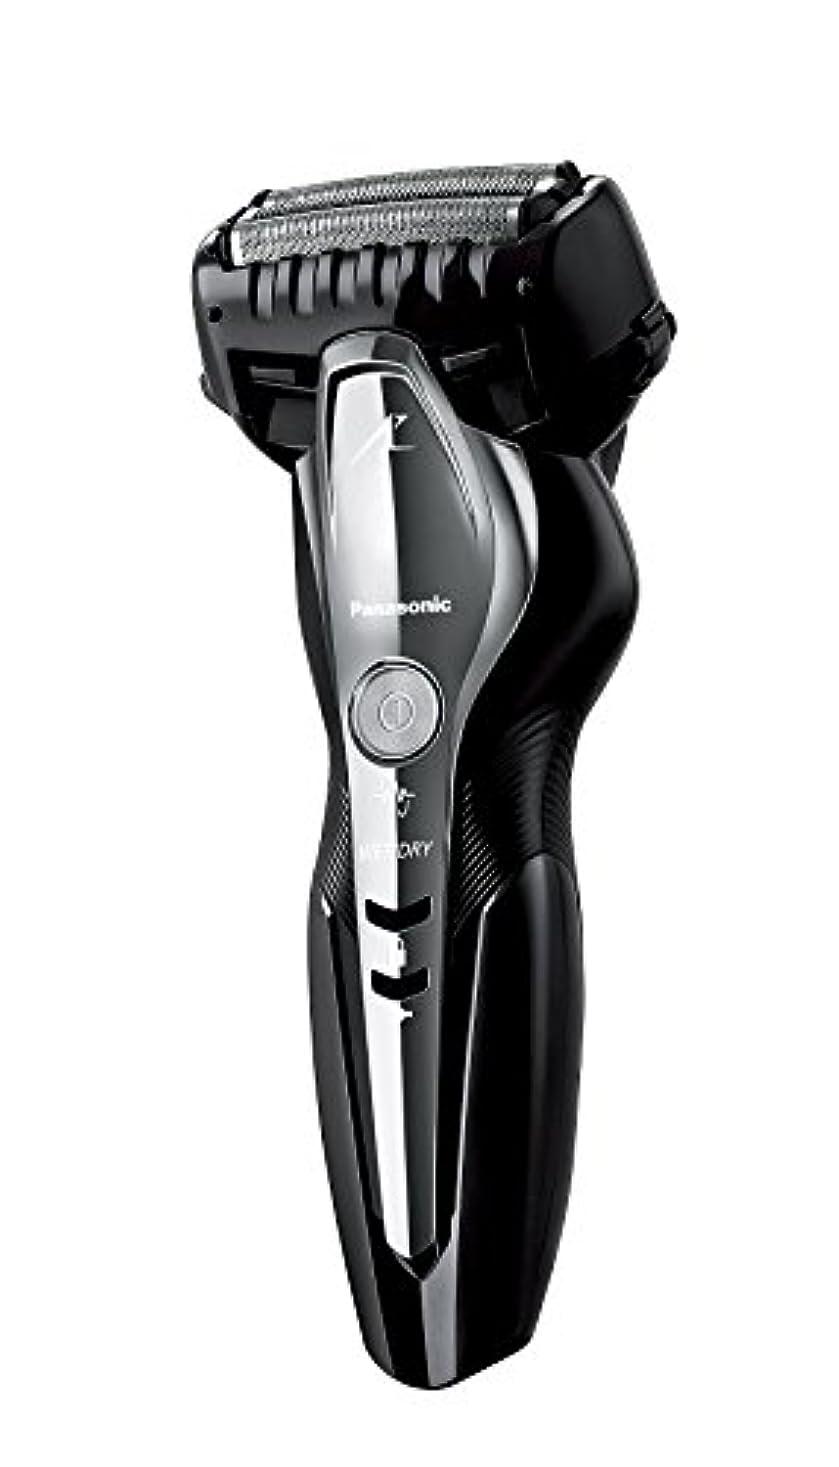 オゾン悪化させるワーディアンケースパナソニック ラムダッシュ メンズシェーバー 3枚刃 お風呂剃り可 黒 ES-ST2N-K